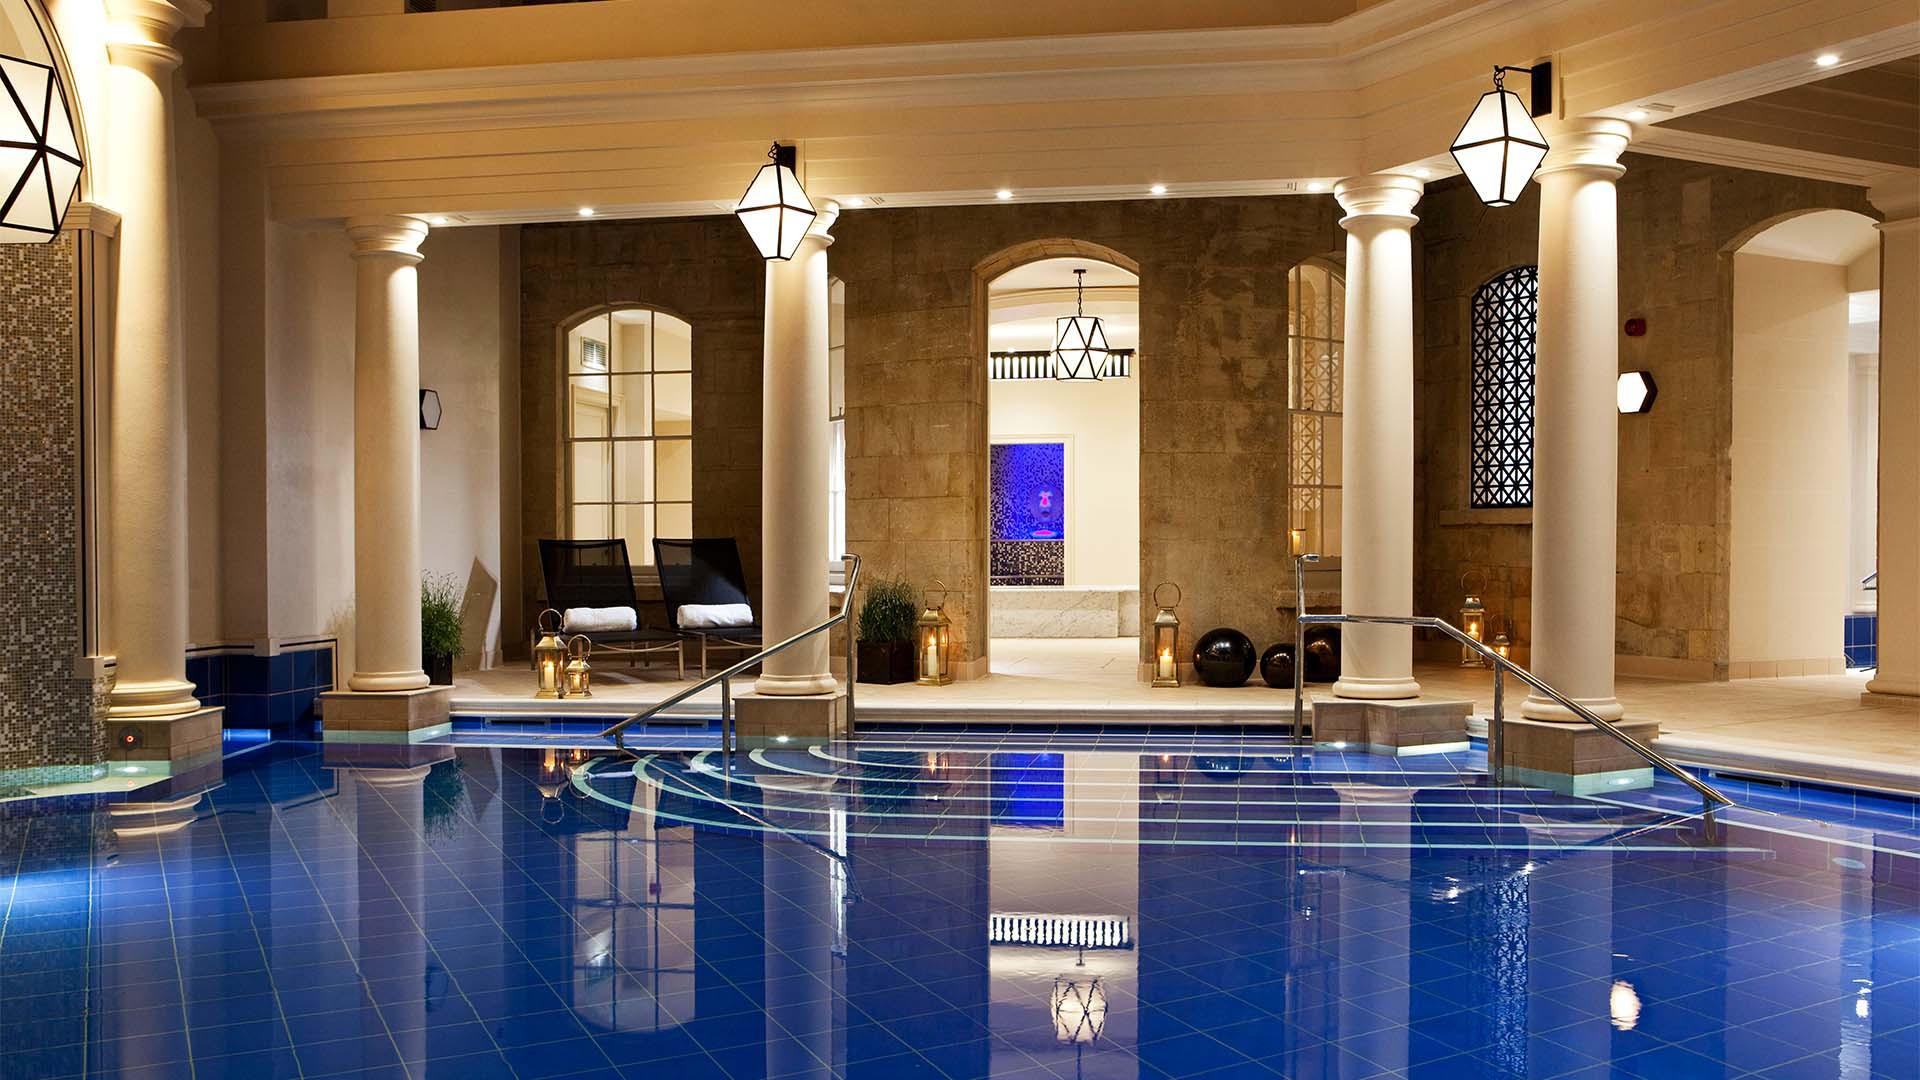 The Bath House at the Gainsborough